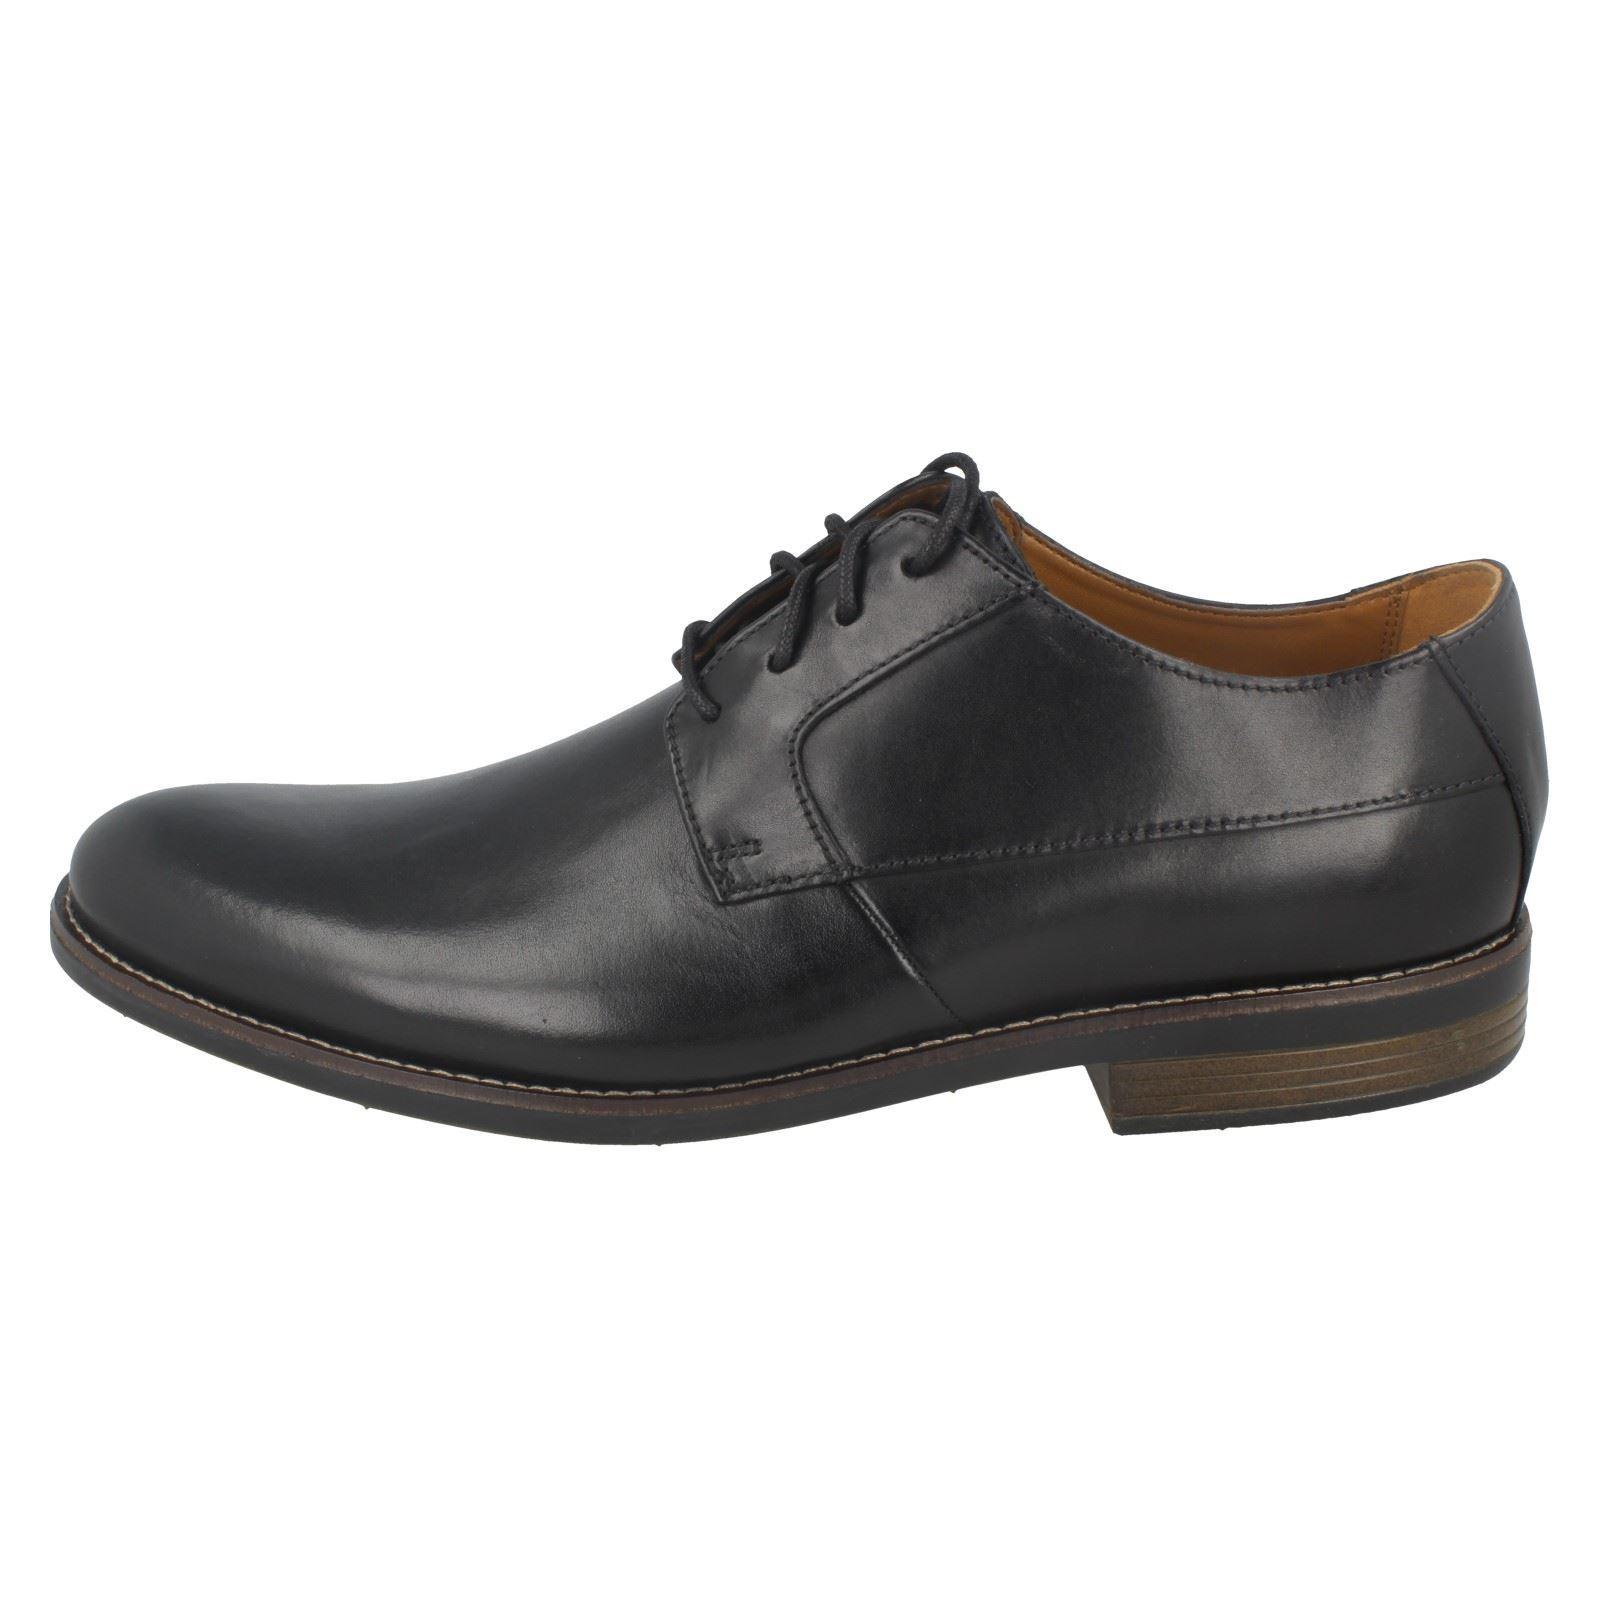 ' Herren Herren Herren Clarks' Smart Schuhes - Becken Plain 451d86